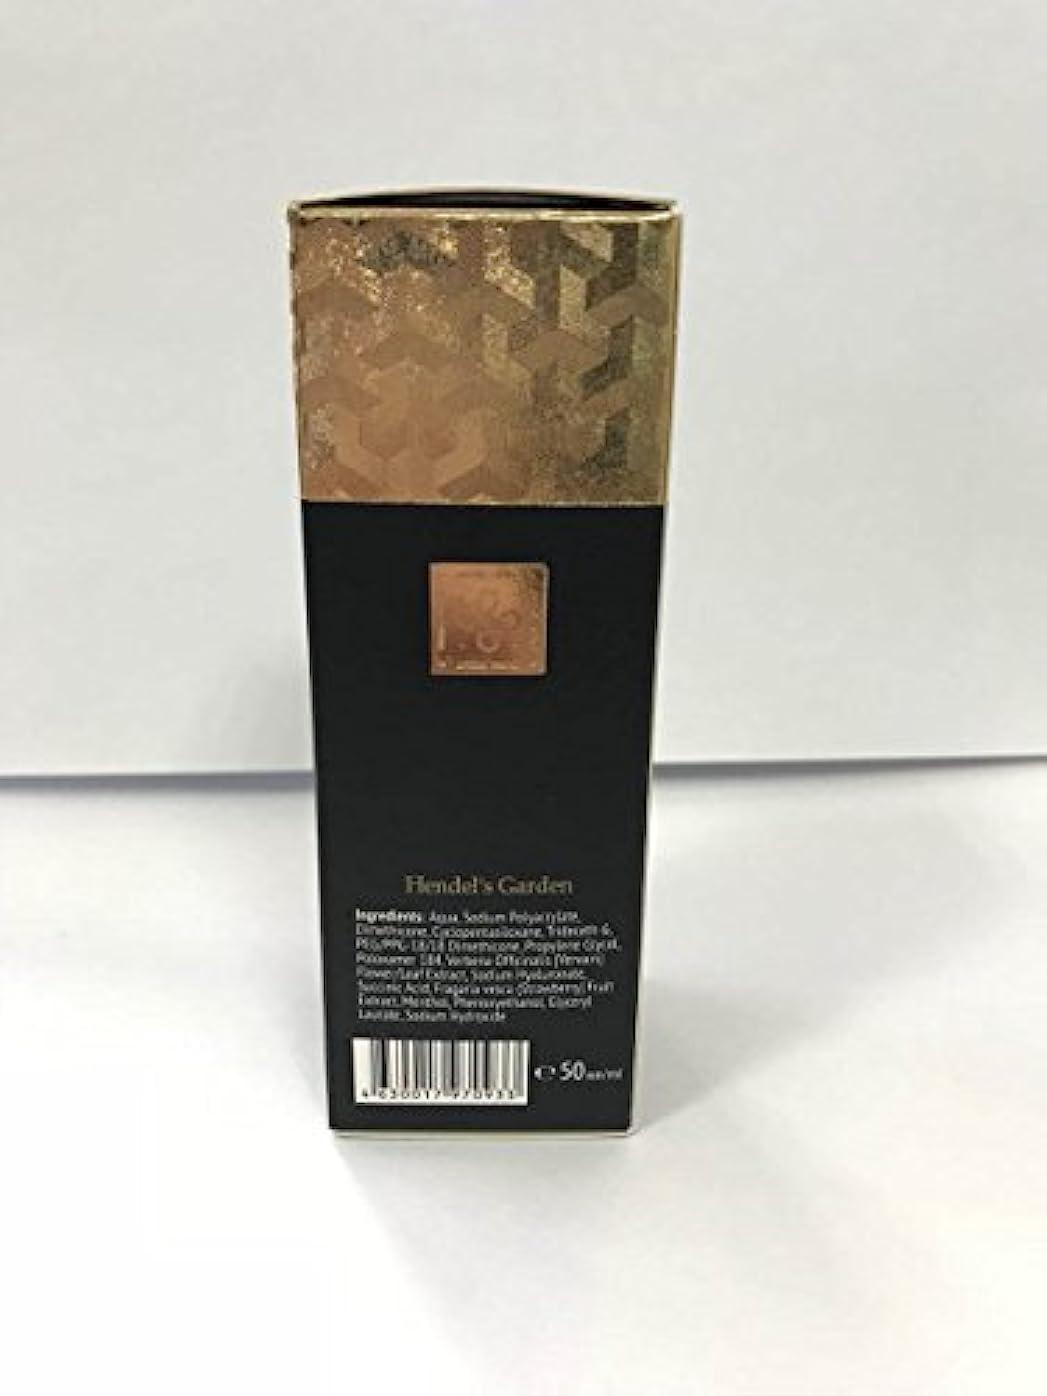 高音高潔な作り上げるタイタンジェル ゴールド Titan gel Gold 50ml 日本語説明付き [並行輸入品]